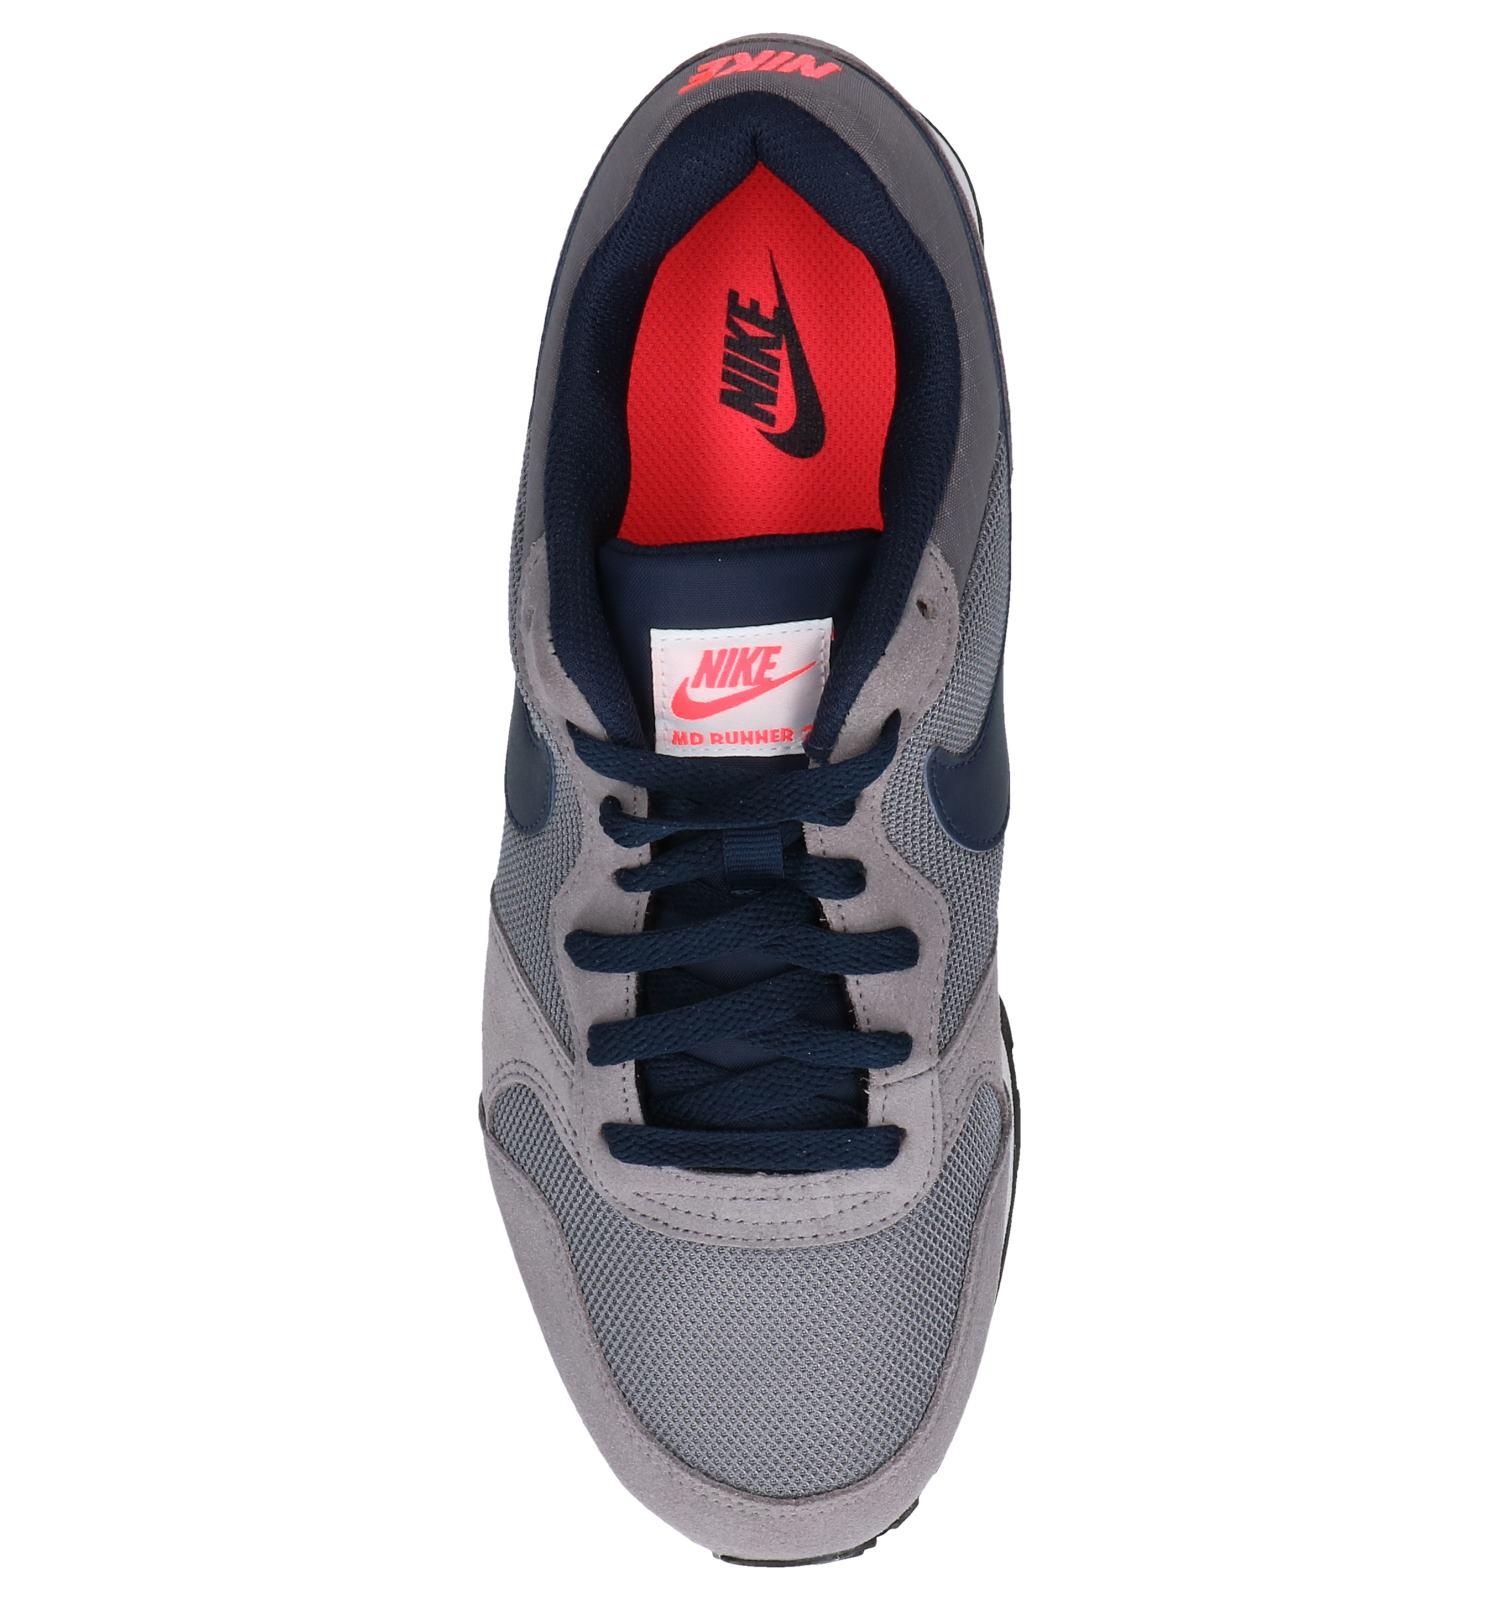 6772e5c71ed Grijze Sneaker Nike MD Runner 2 | TORFS.BE | Gratis verzend en retour